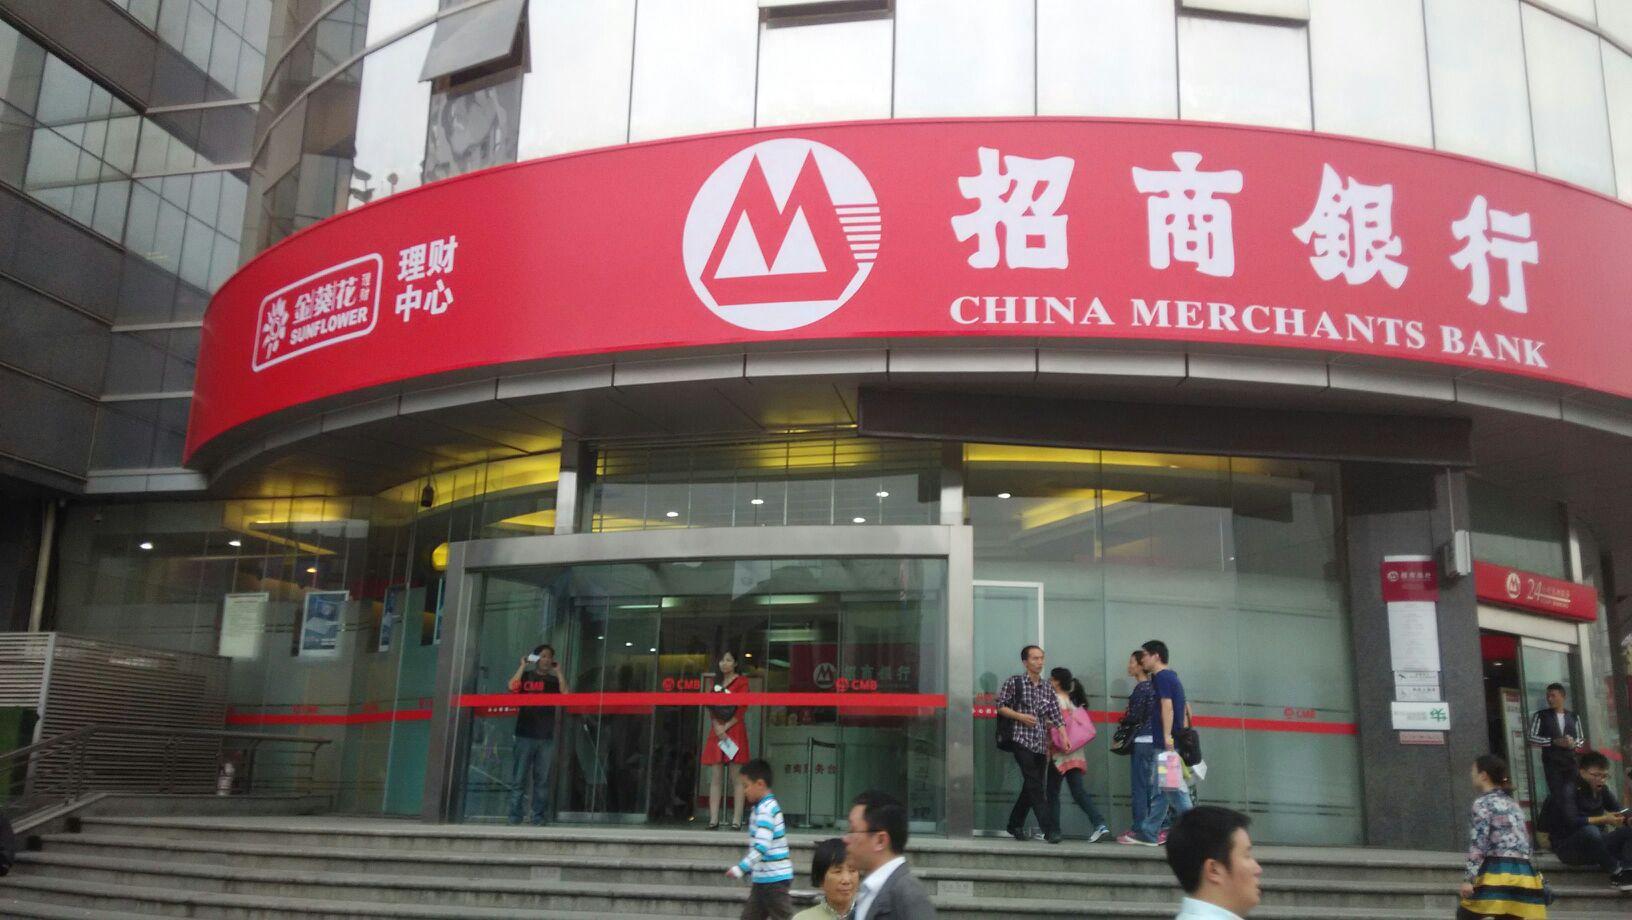 不良贷款余额达592亿元,招商银行受困成长的烦恼?